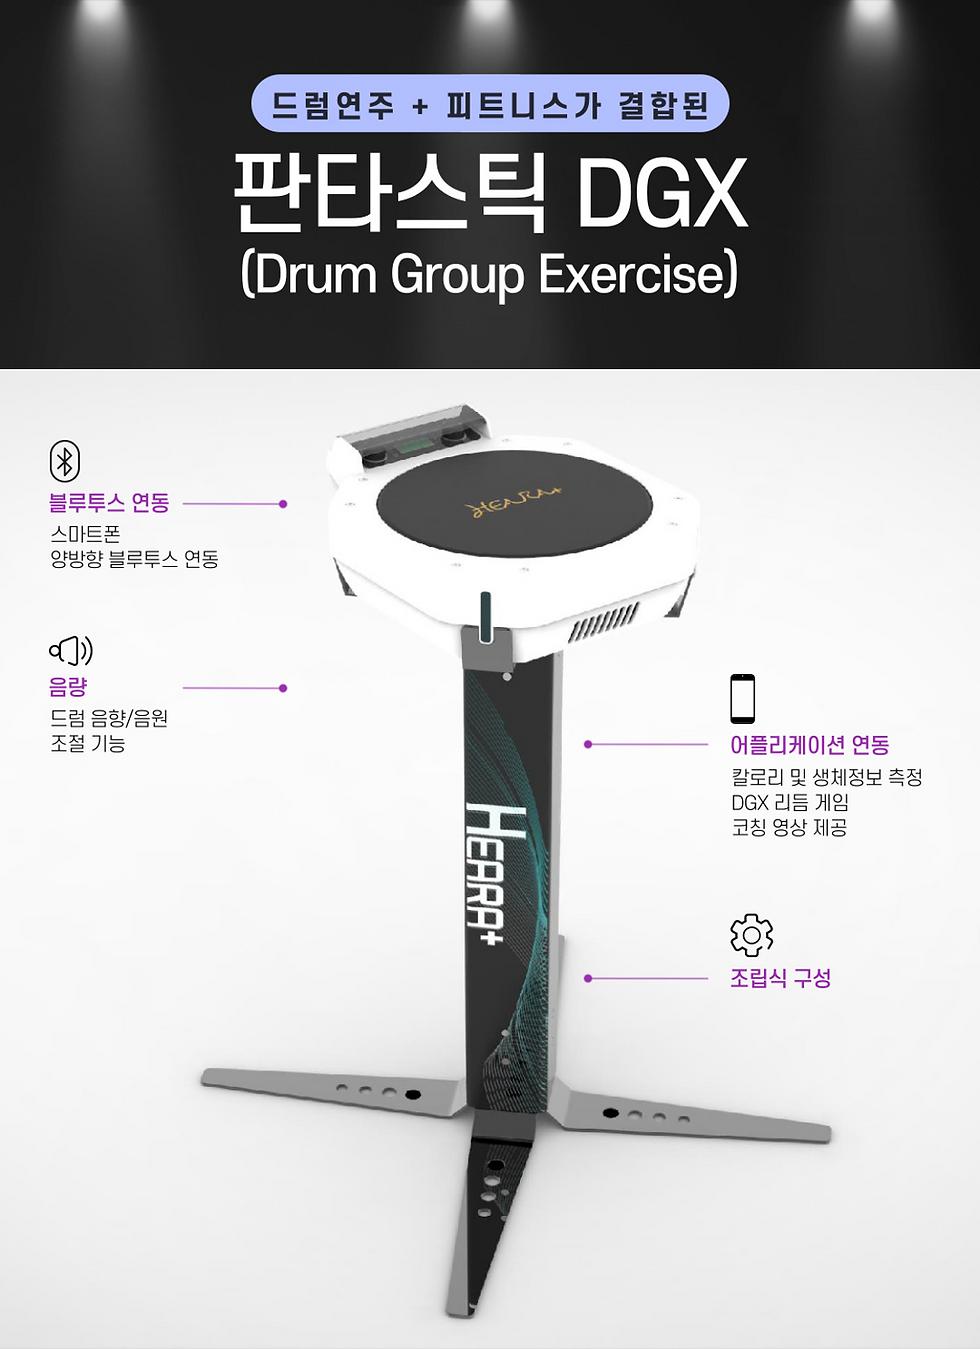 제품소개1_제품 특징.png